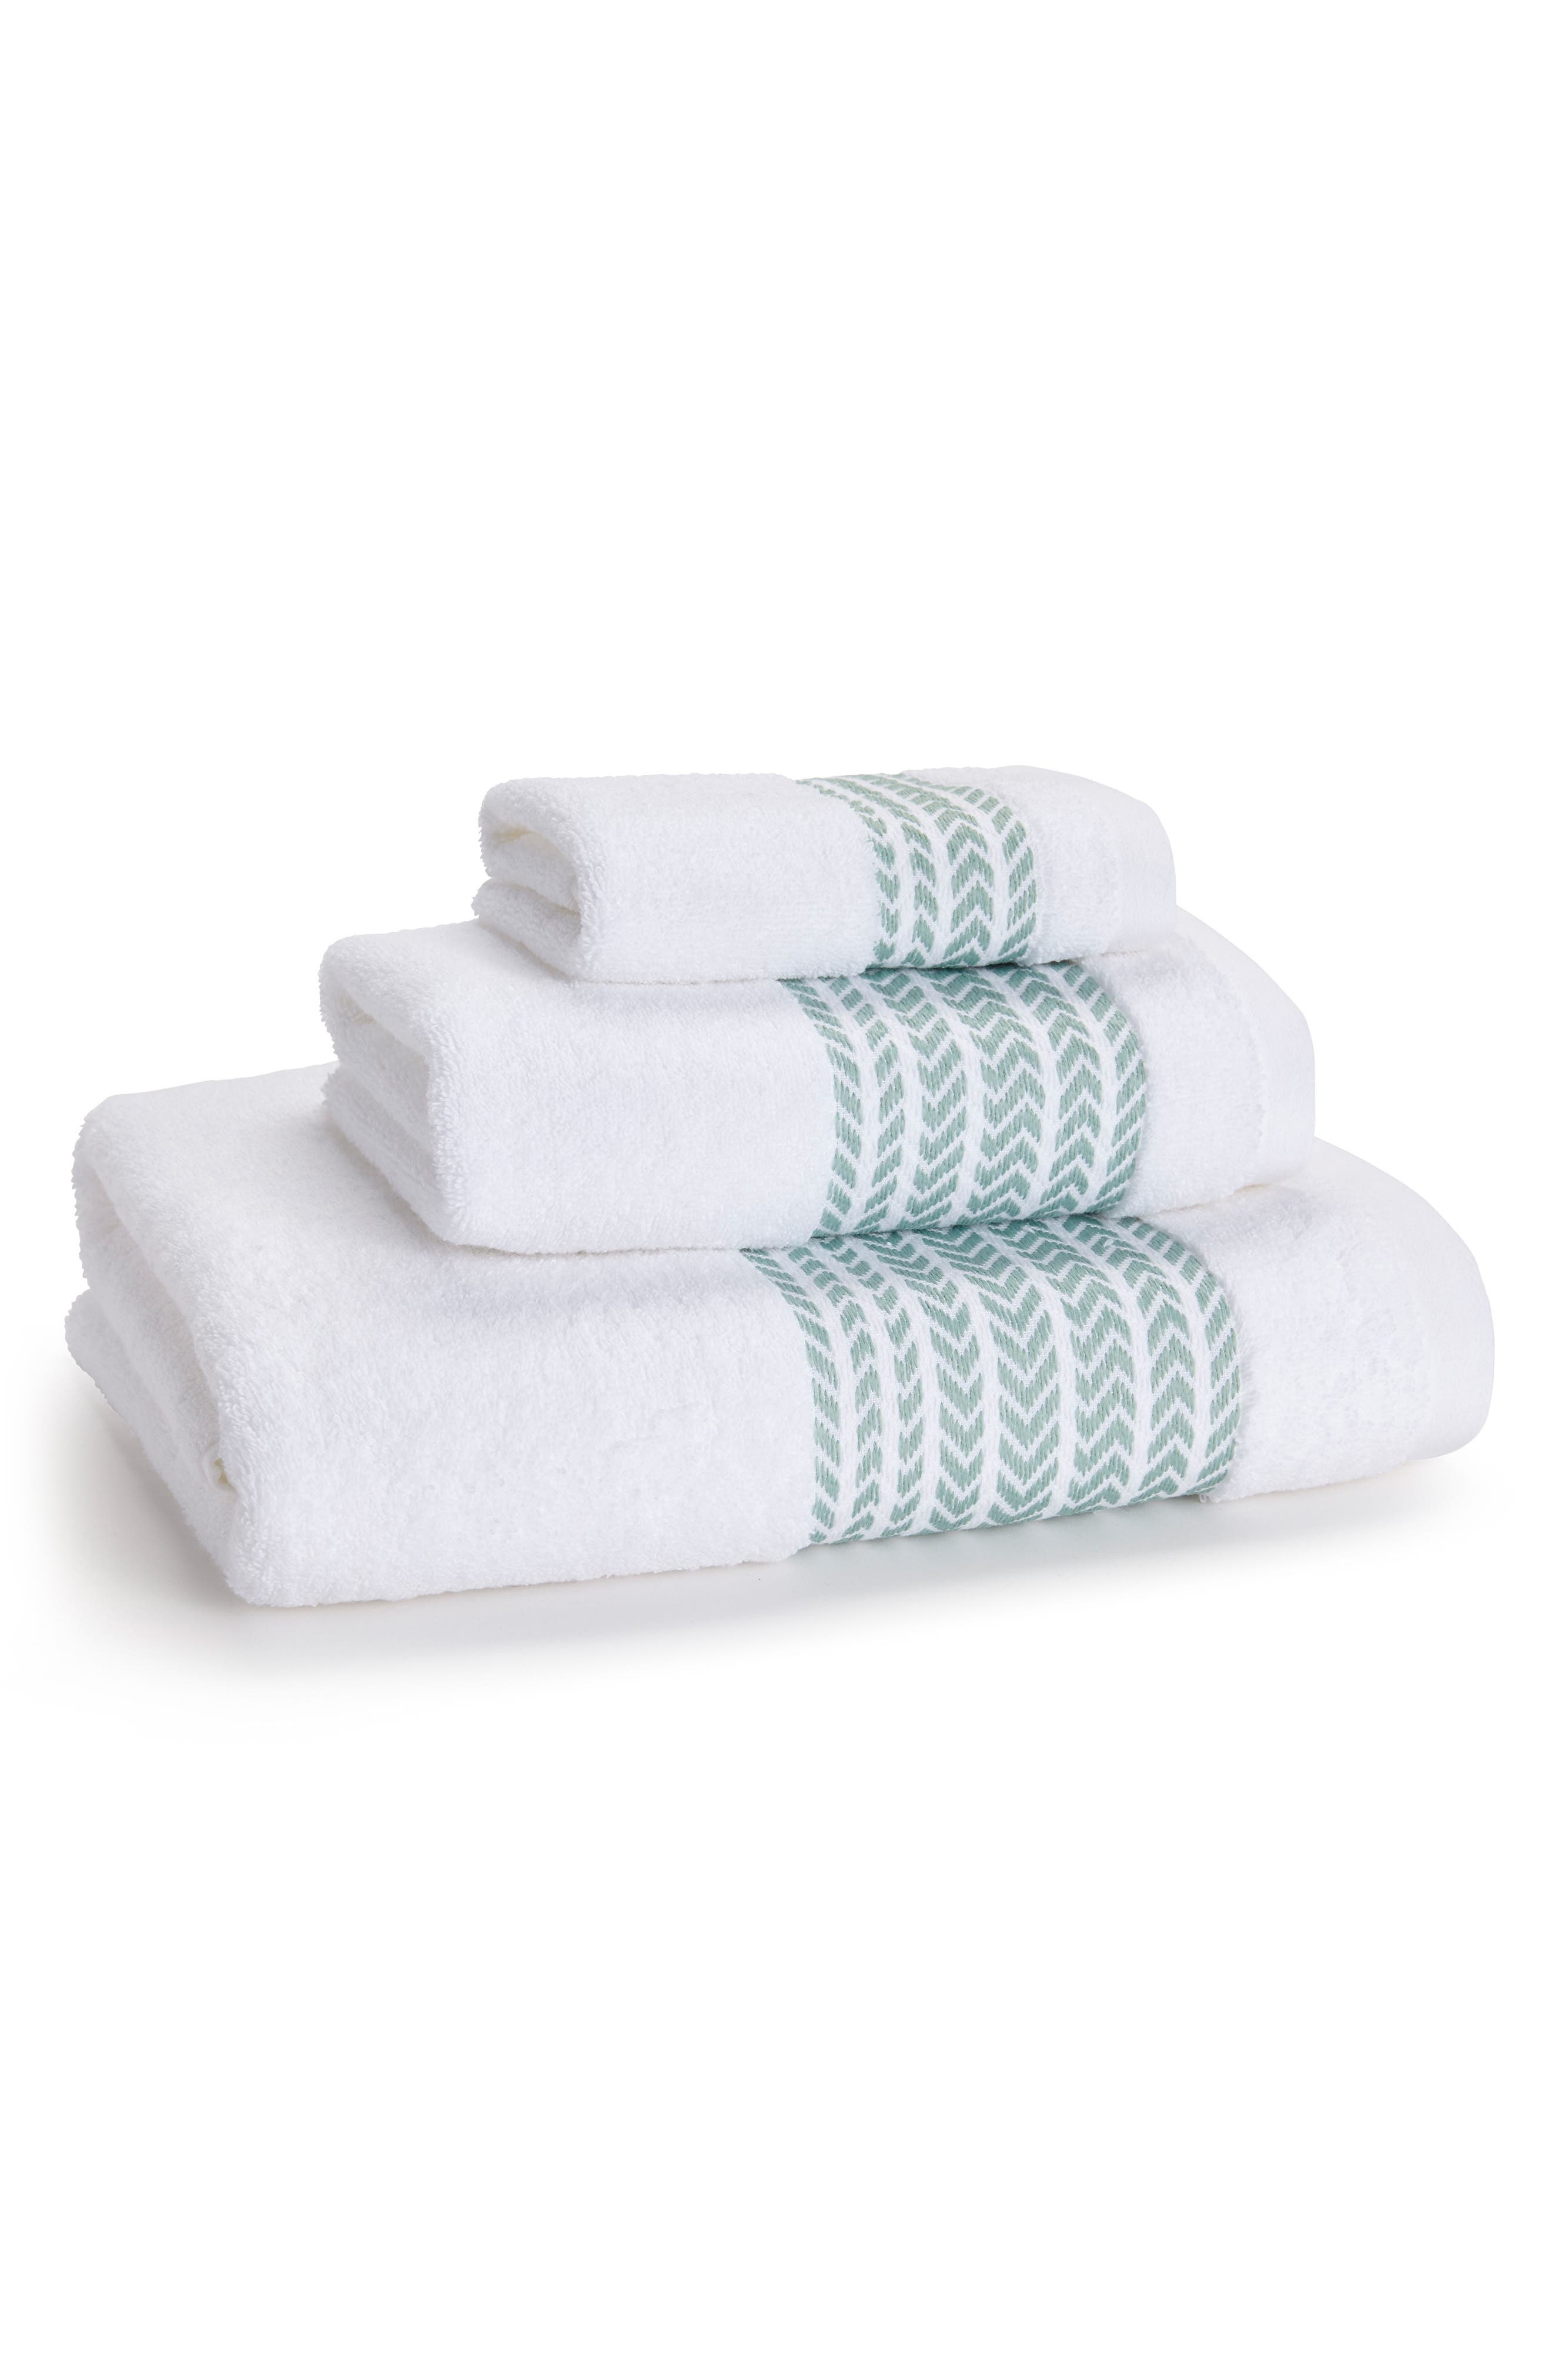 Baja Hand Towel,                             Main thumbnail 1, color,                             Verde